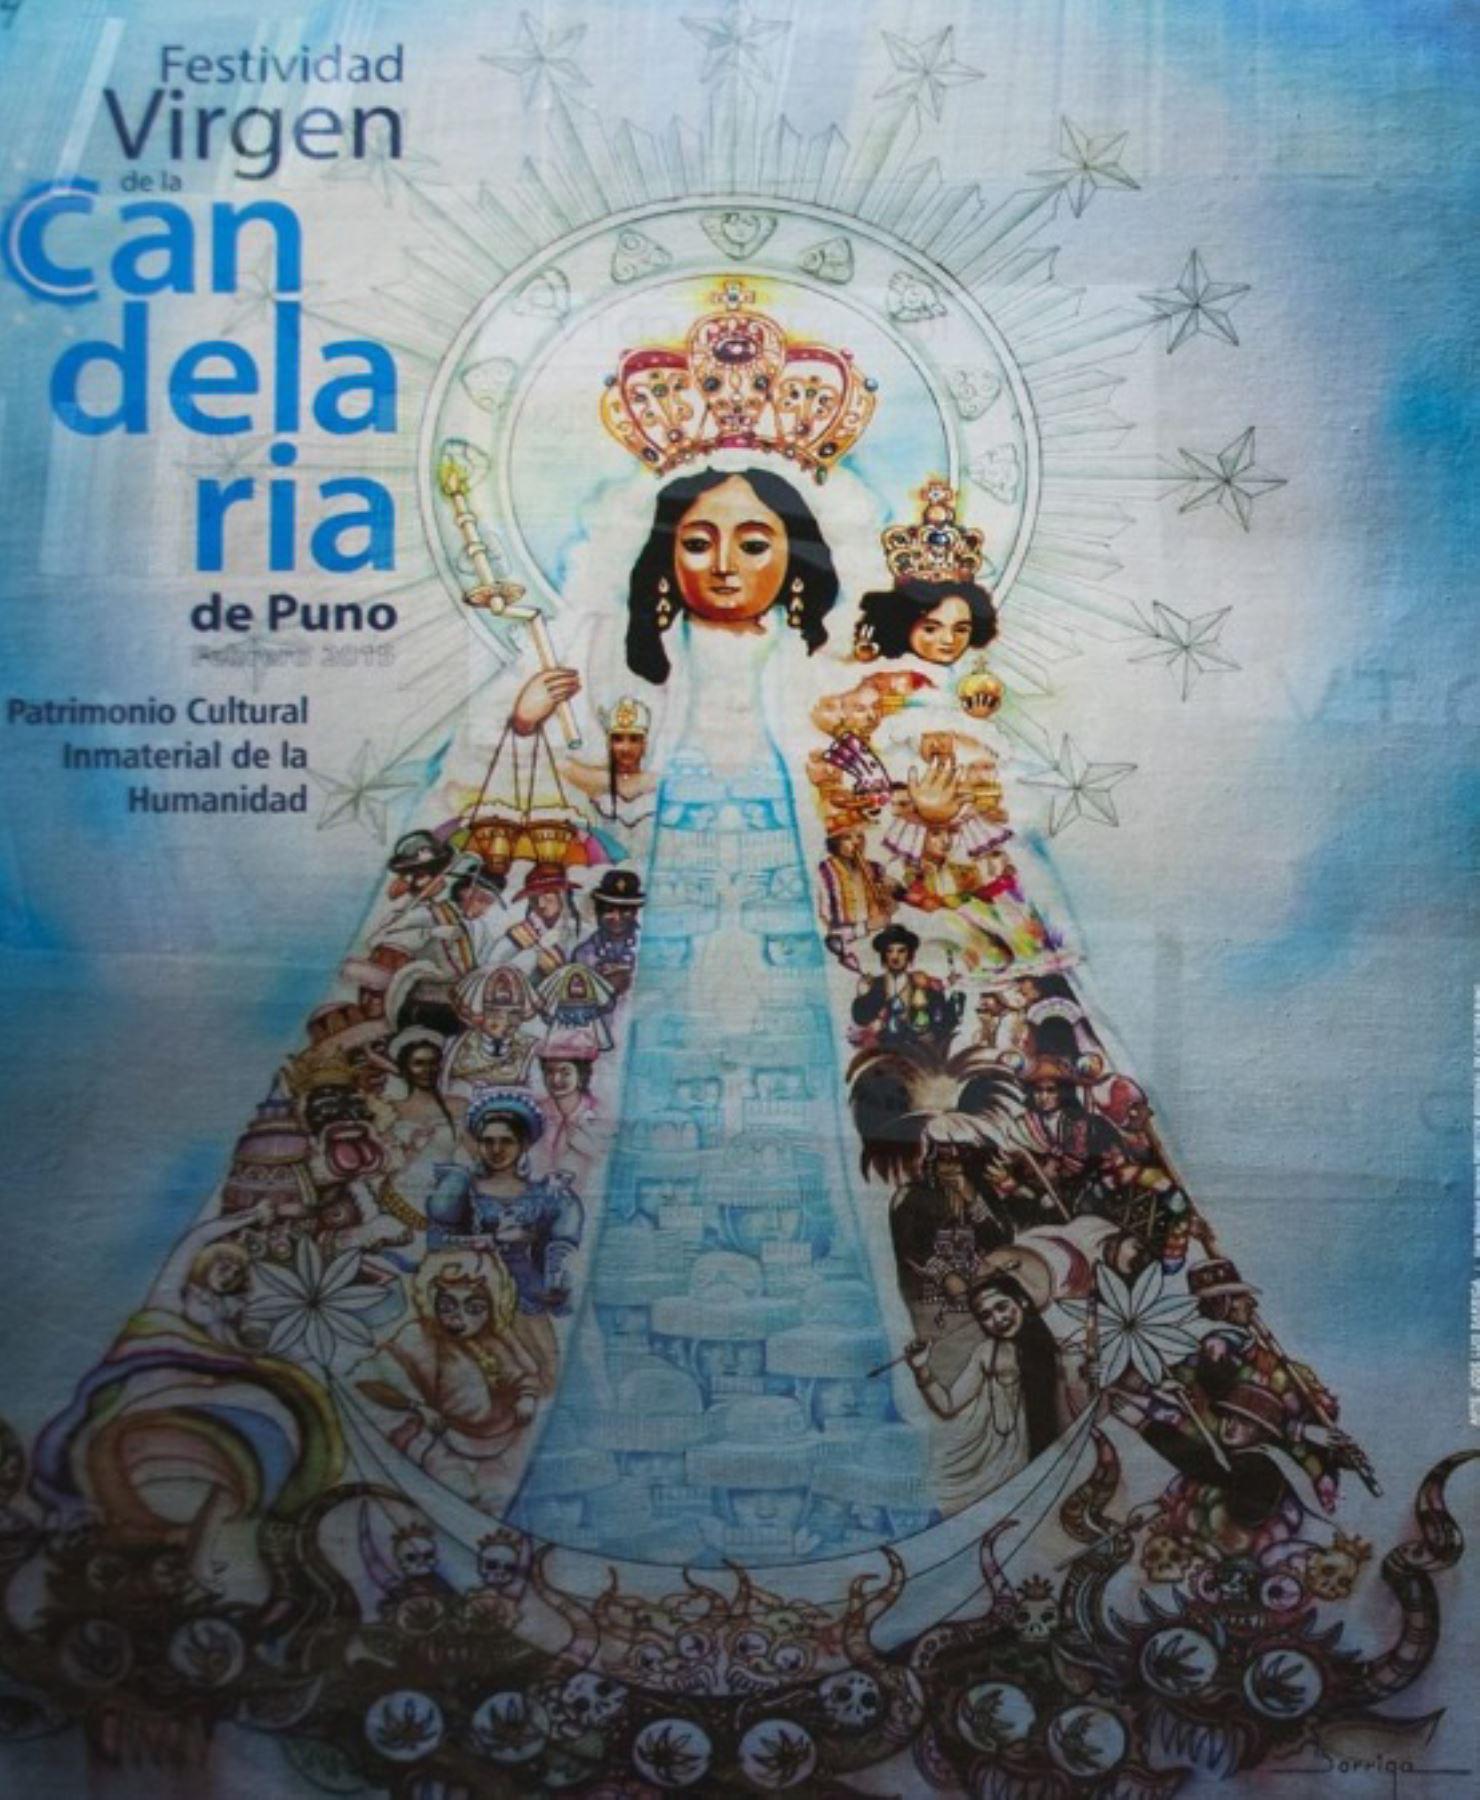 """En la Casa de la Cultura de Puno se exhibirá la exposición """"Arte, tiempo y fe"""", que incluye más de 200 afiches y calendarios alusivos a la Festividad Virgen de la Candelaria. Foto: ANDINA/Difusión"""